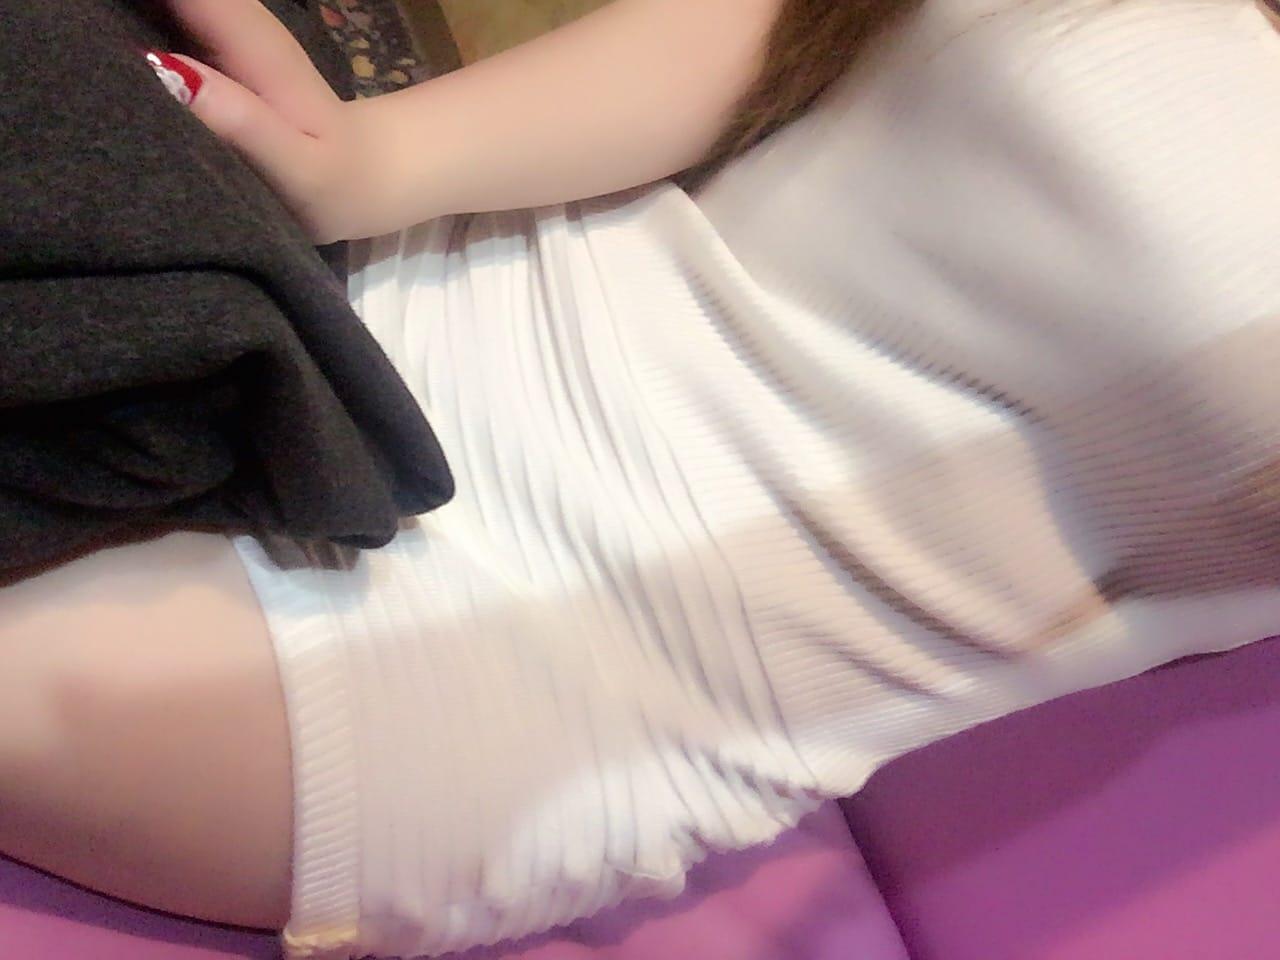 玲衣「ありがと」01/24(水) 07:52   玲衣の写メ・風俗動画